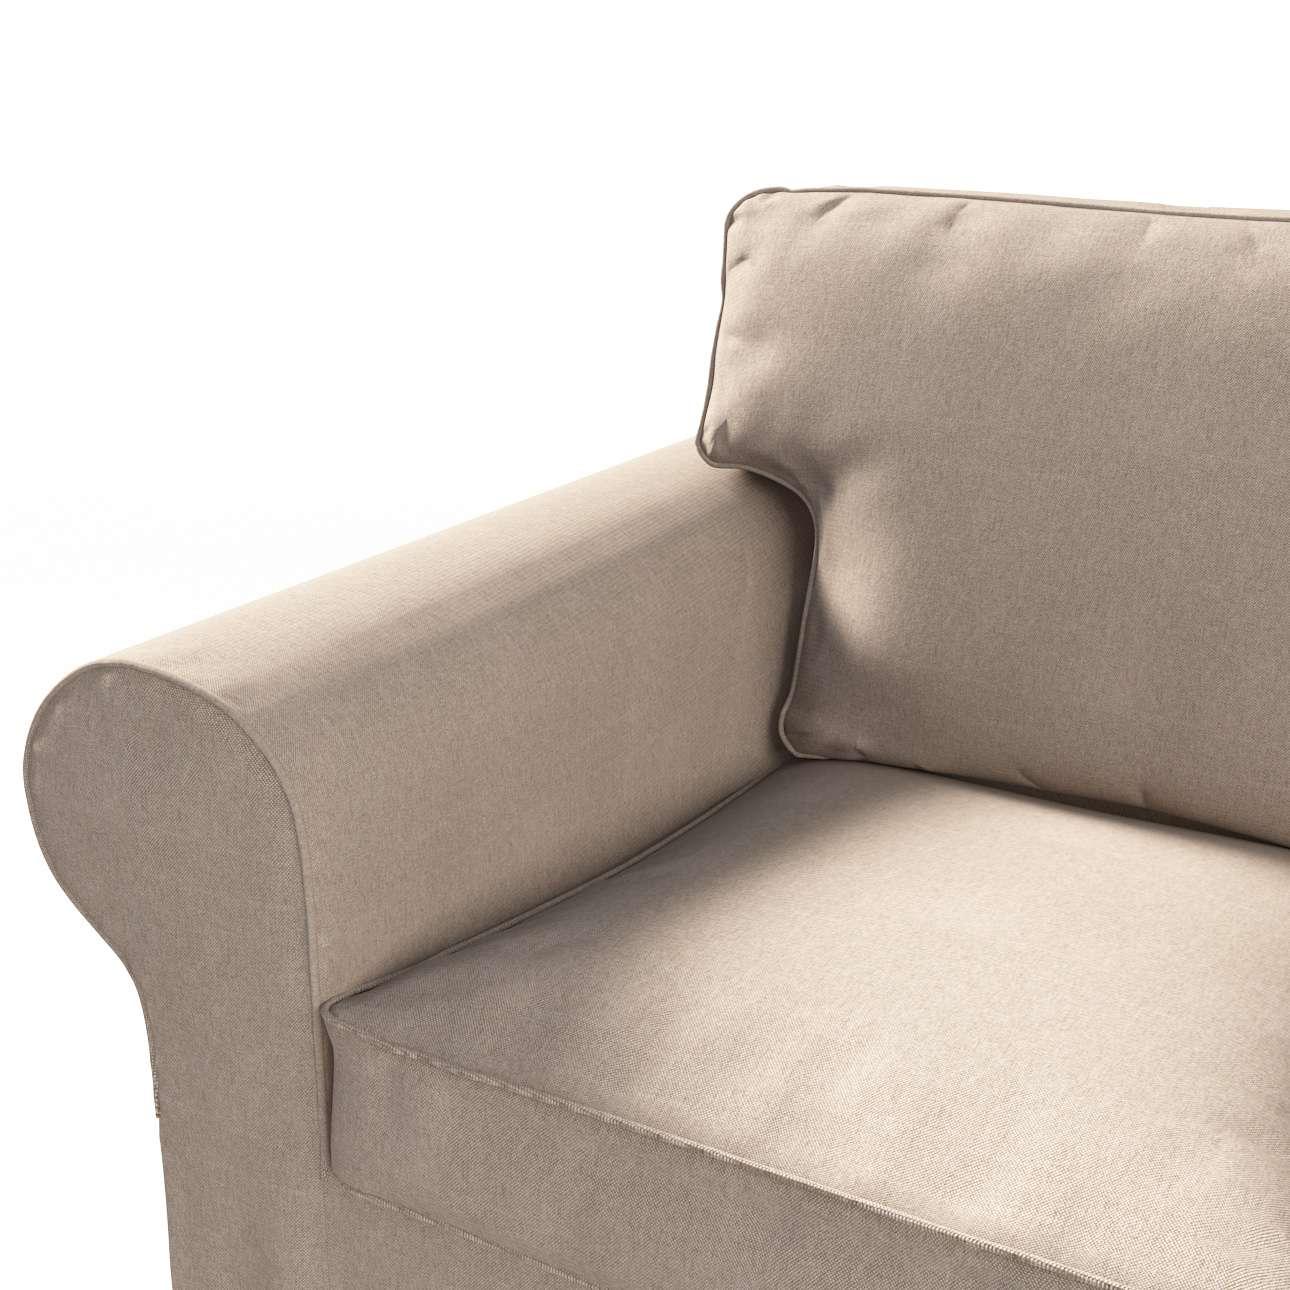 Pokrowiec na sofę Ektorp 3-osobową, rozkładaną, PIXBO w kolekcji Etna, tkanina: 705-09